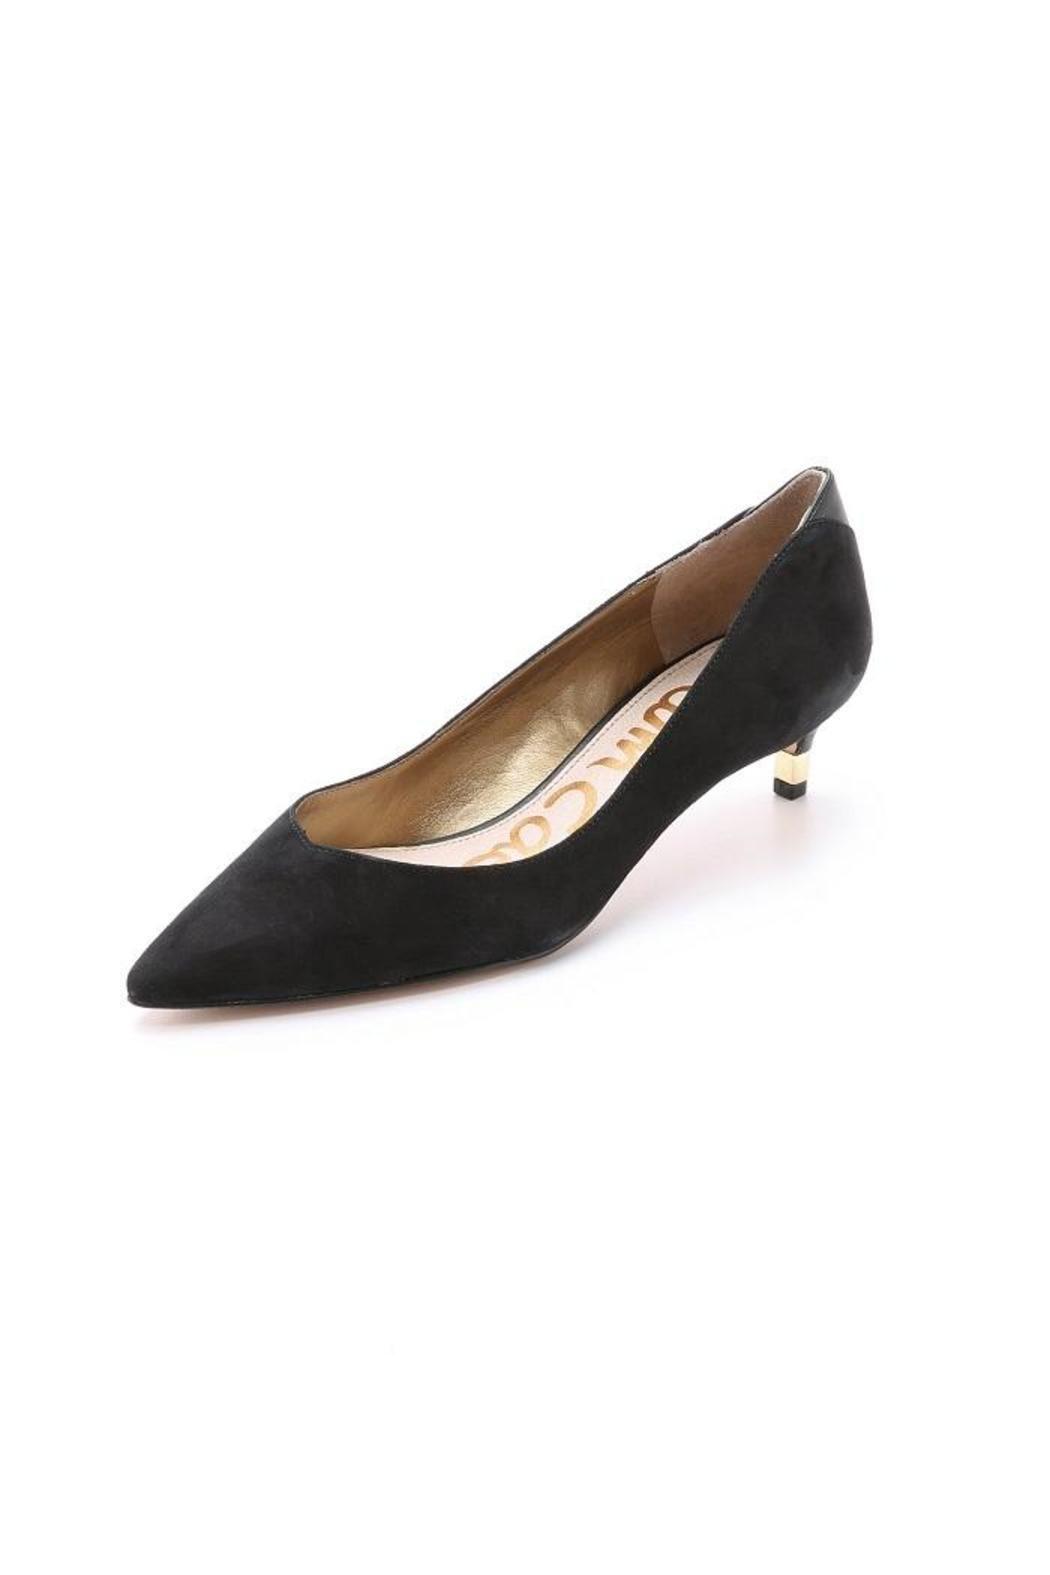 Pointy Toed Kitten Heel Kitten Heels Kitten Heel Shoes Heels